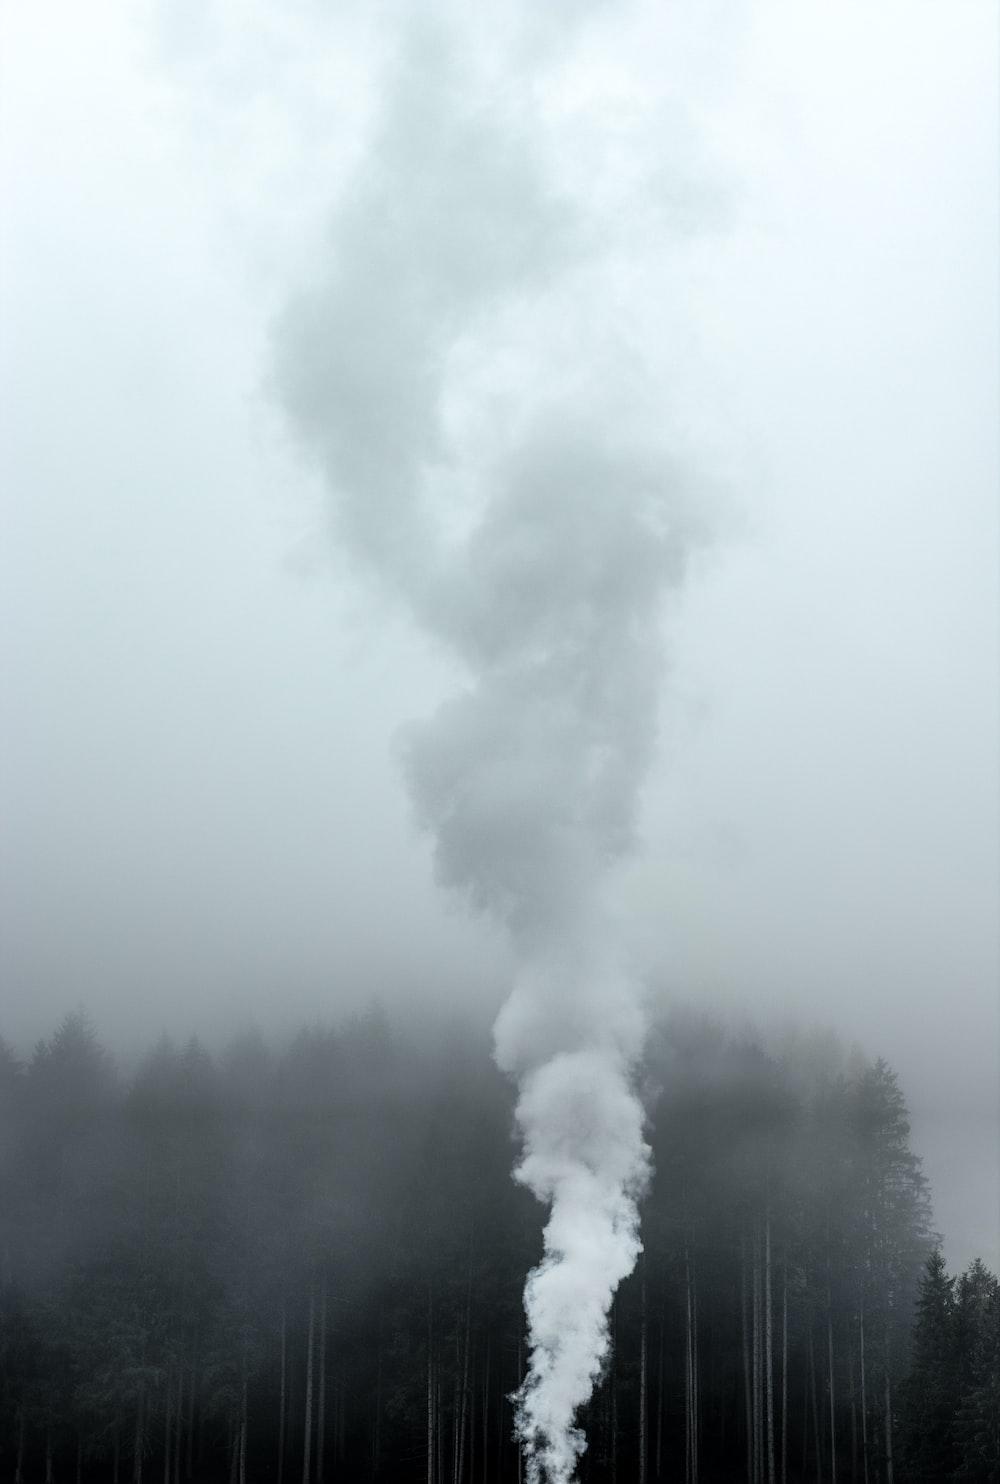 smoke near trees at daytime